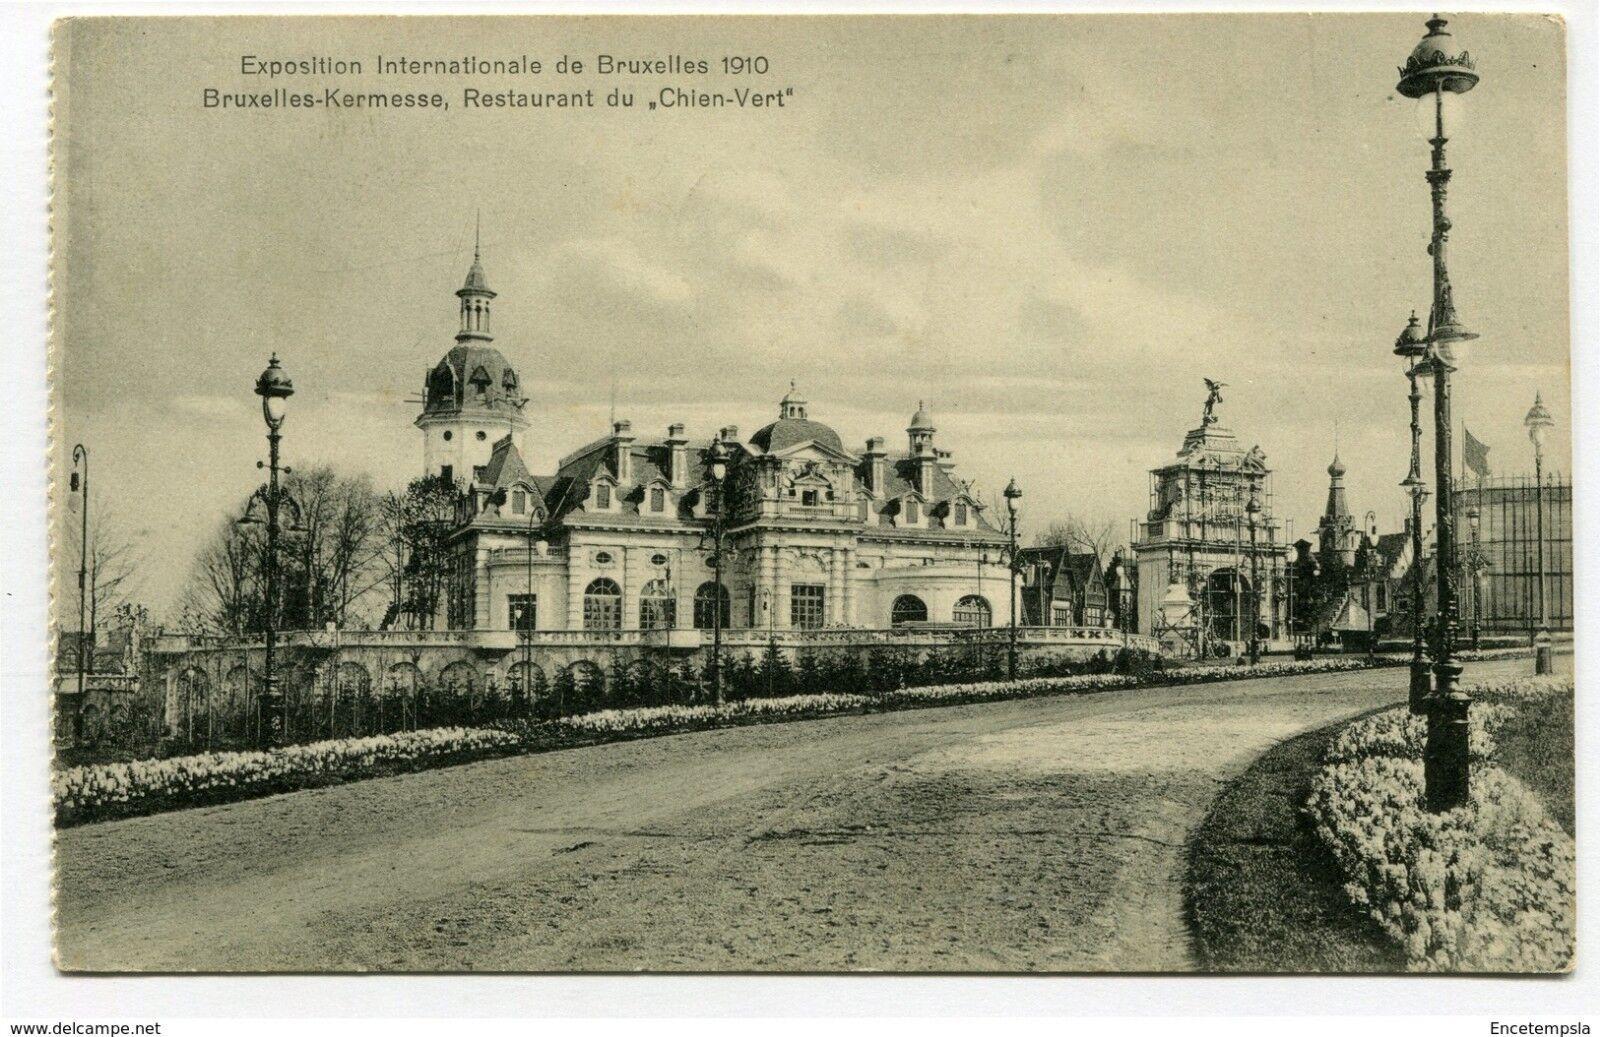 CPA-Carte postale-Belgique-Bruxelles-Exposition Internationale de Bruxelles 1910